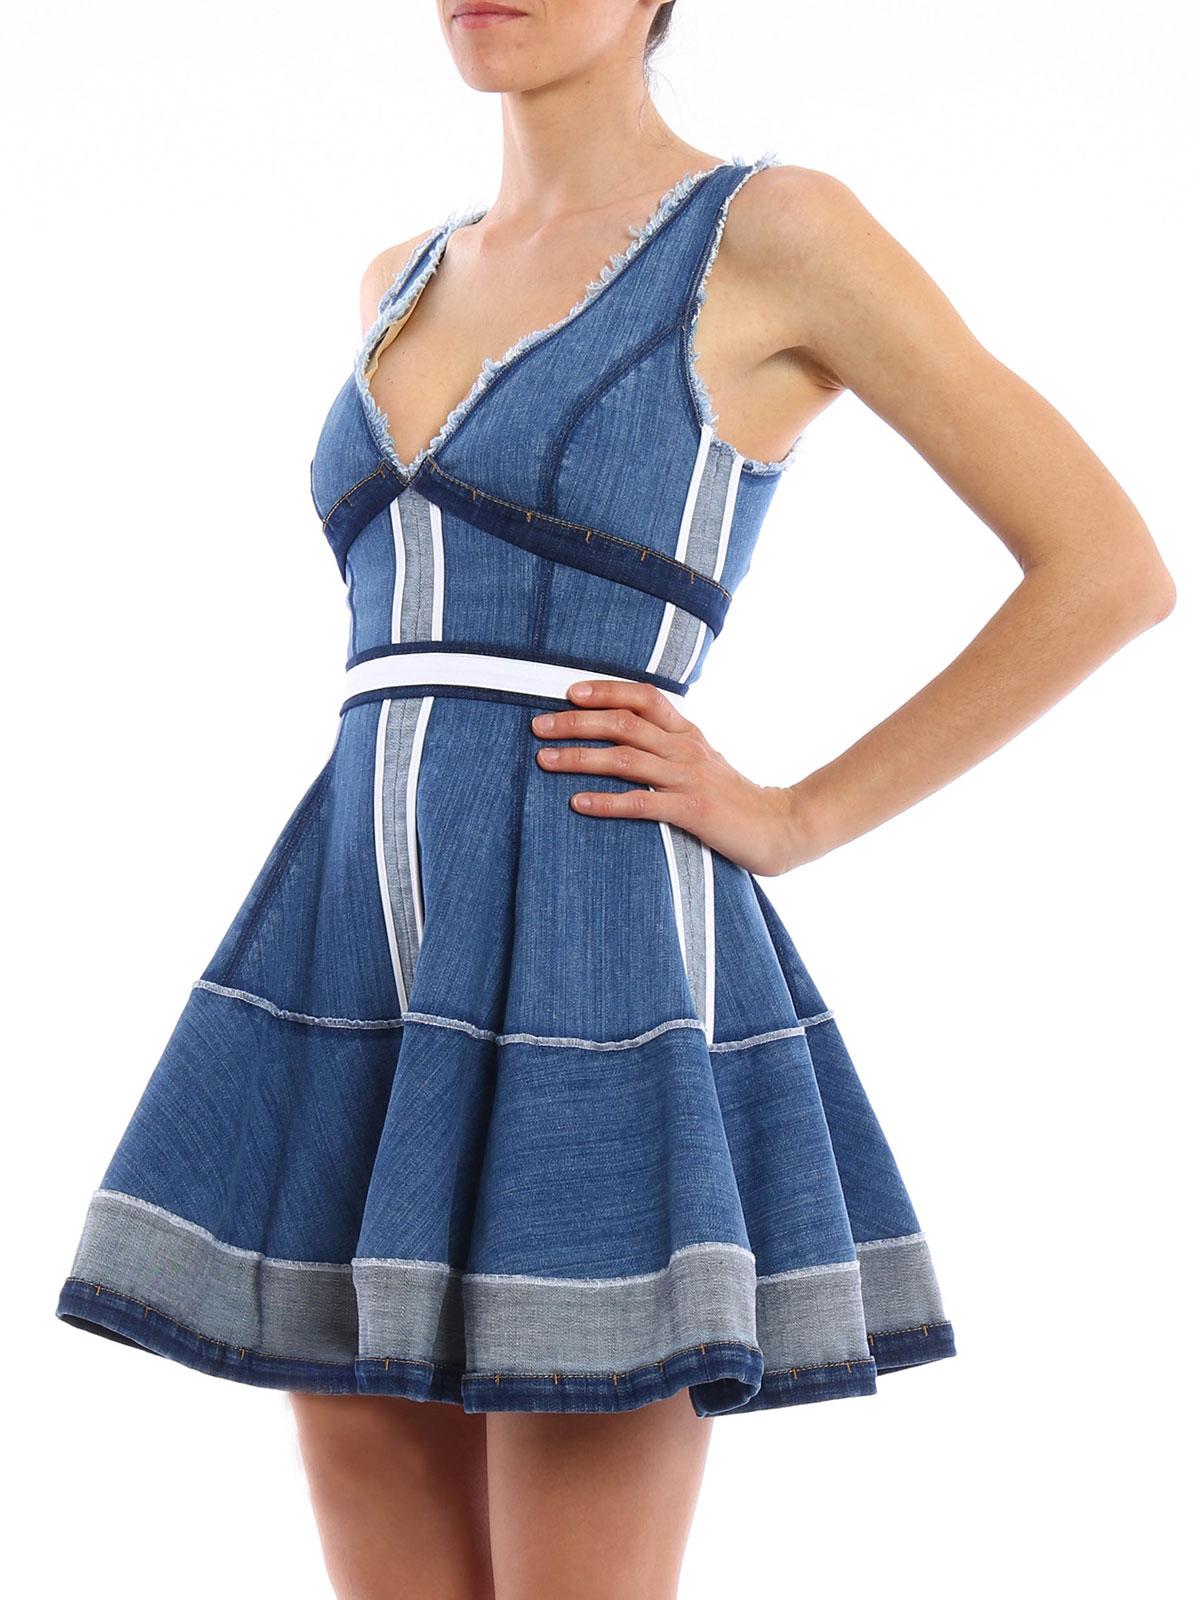 Sale Online Store Cheap Sale Amazon Denim dress Dsquared2 Wholesale Price Cheap Buy Authentic KYAggG876D